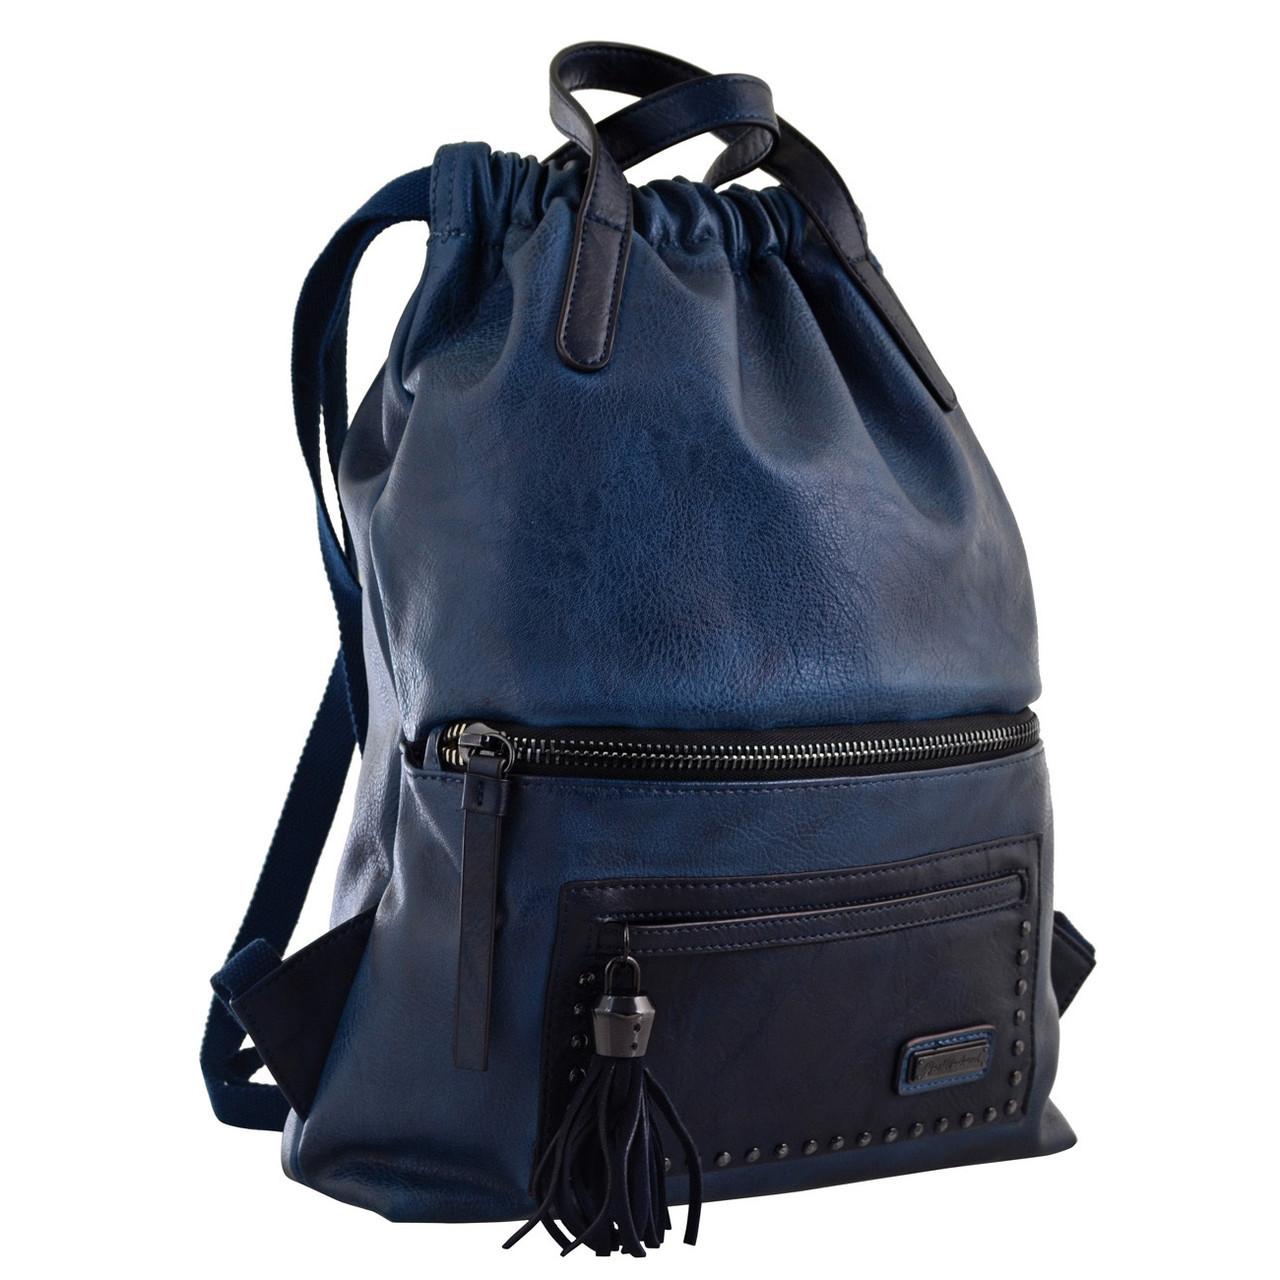 Рюкзак женский YW-11, джинсовый синий